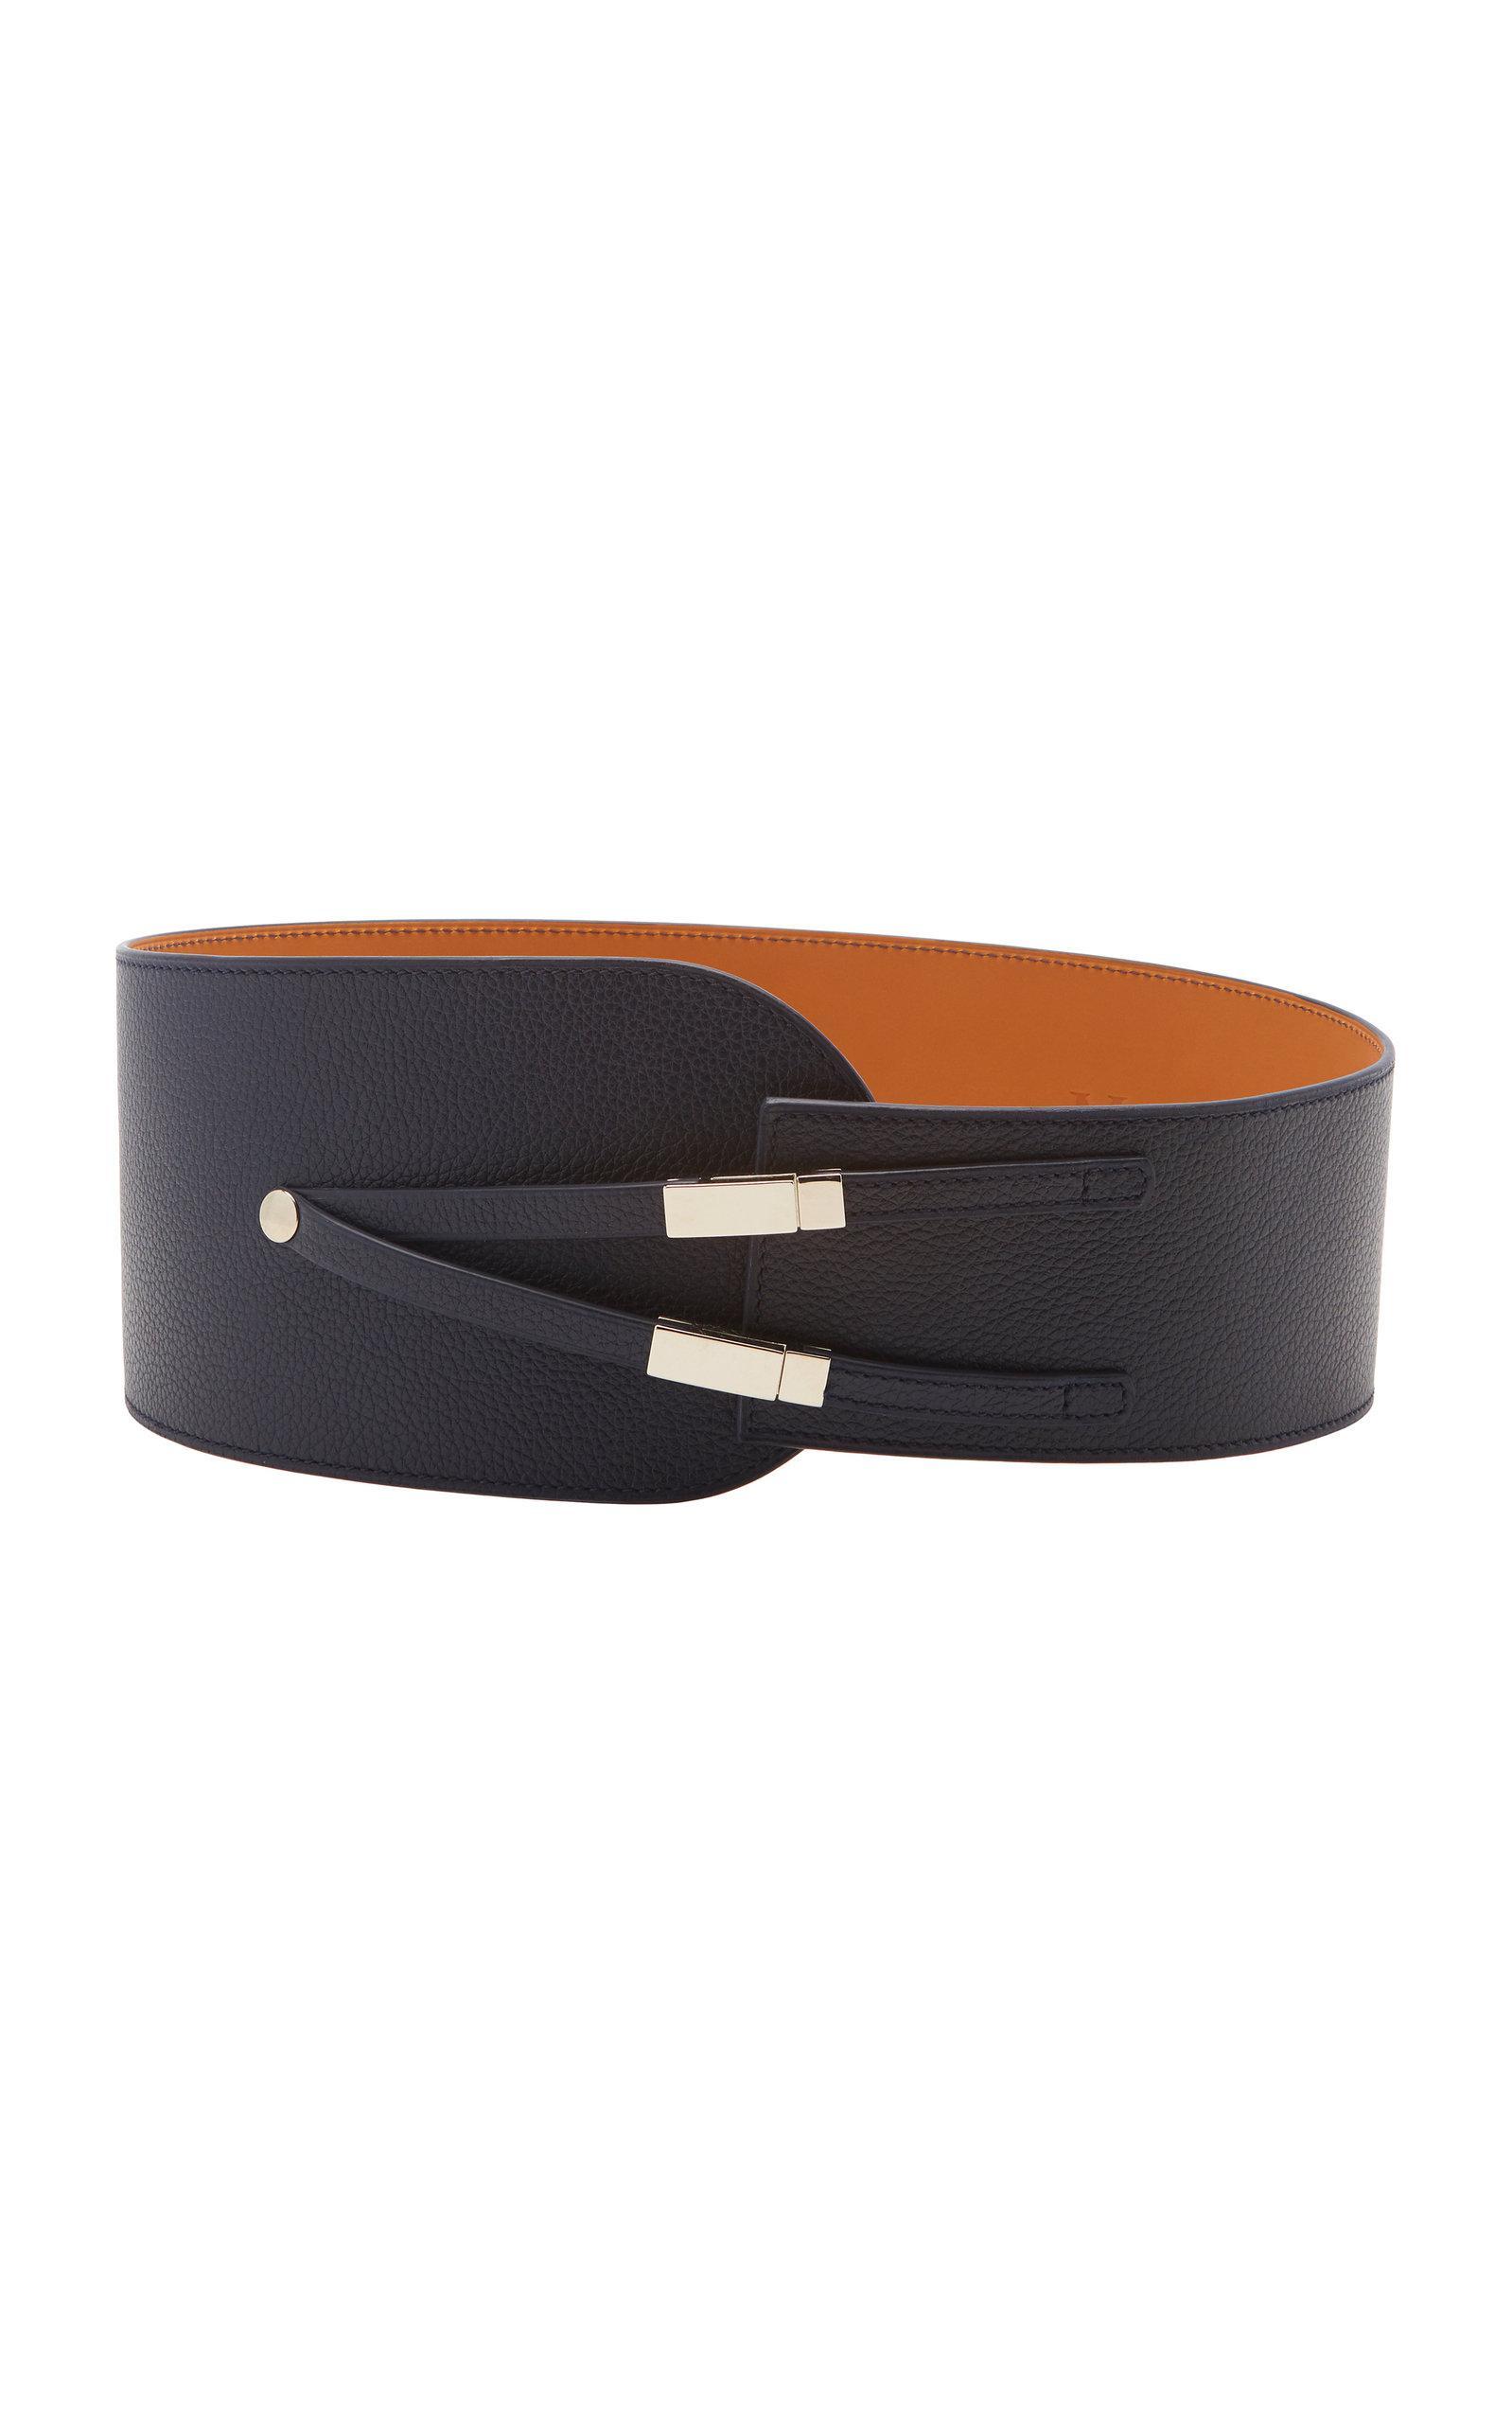 Leopard-Print Calf-Hair Belt Maison Vaincourt rfKgFTNeP